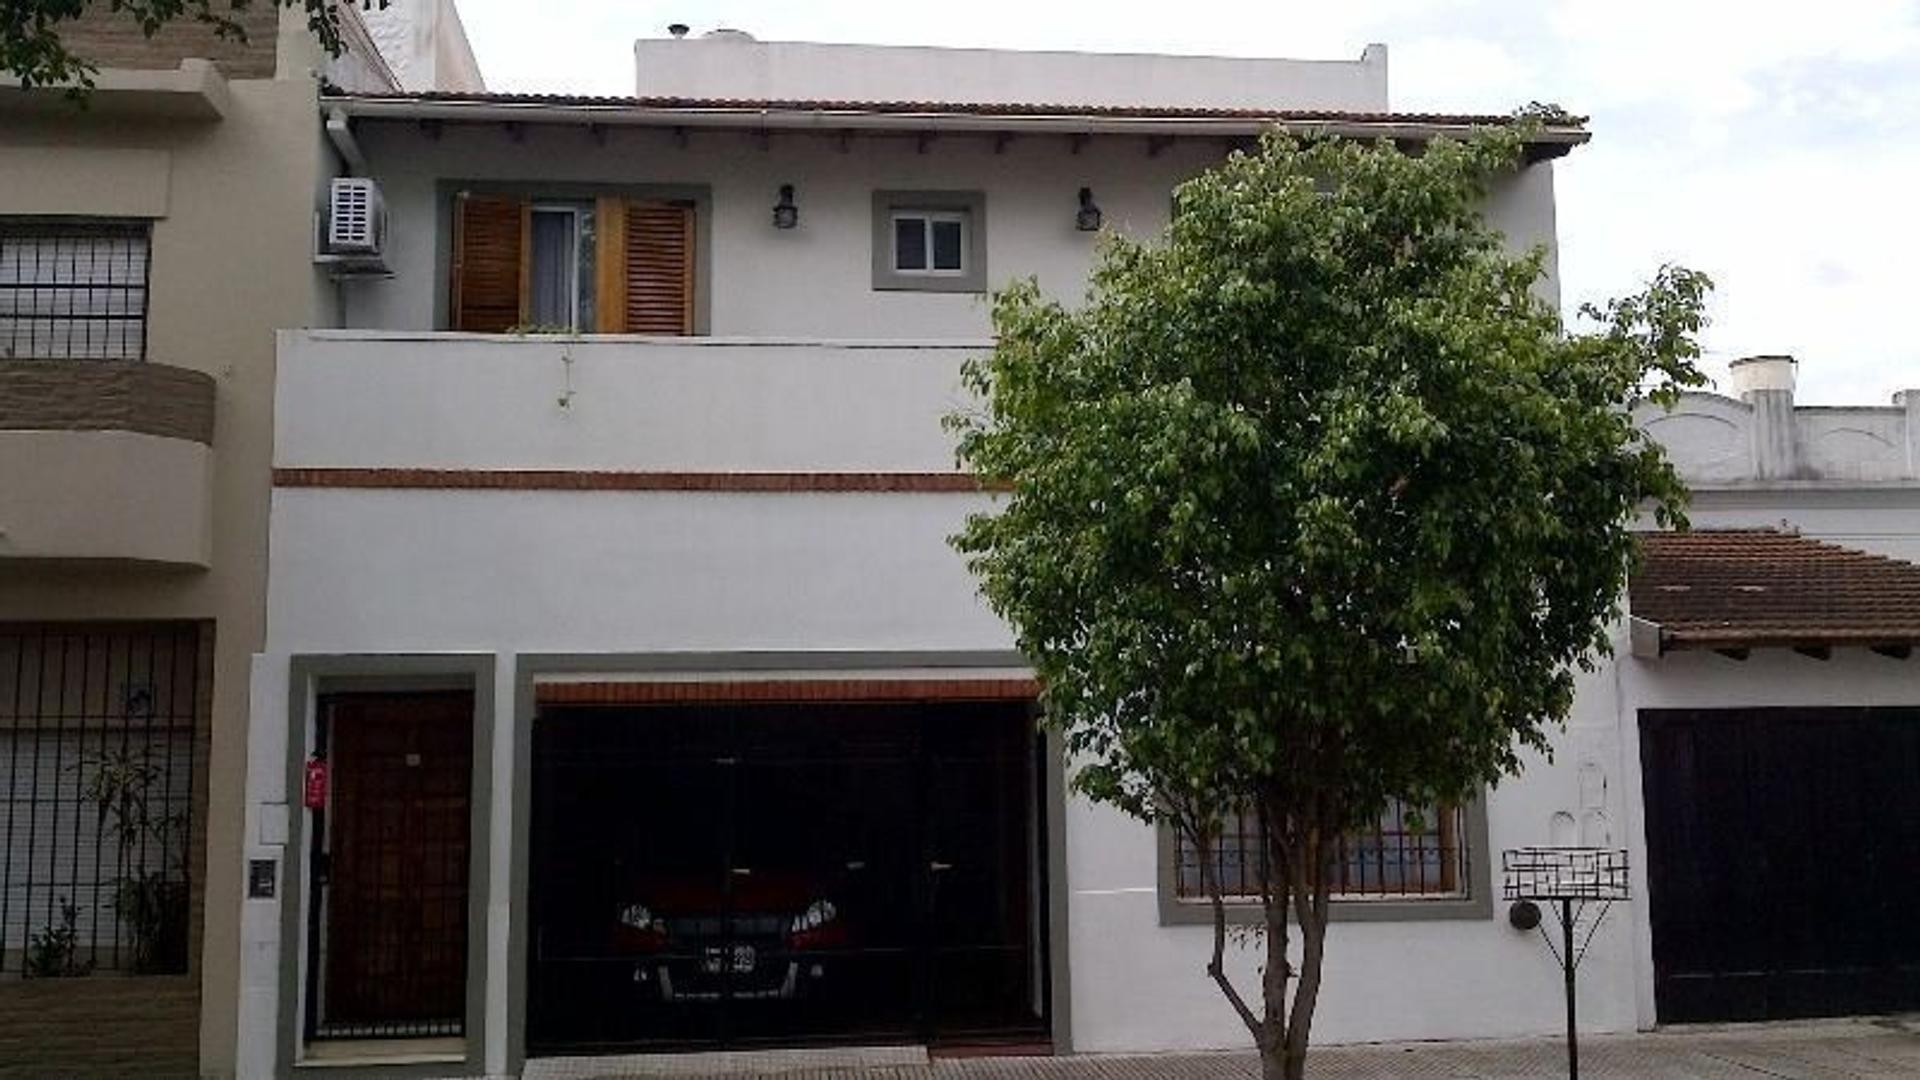 PH 4 Ambientes  Frente  Escritorio Coch/ Terraza / Parrilla. Exc. Estado sup 150 m2 No Apto Crédito